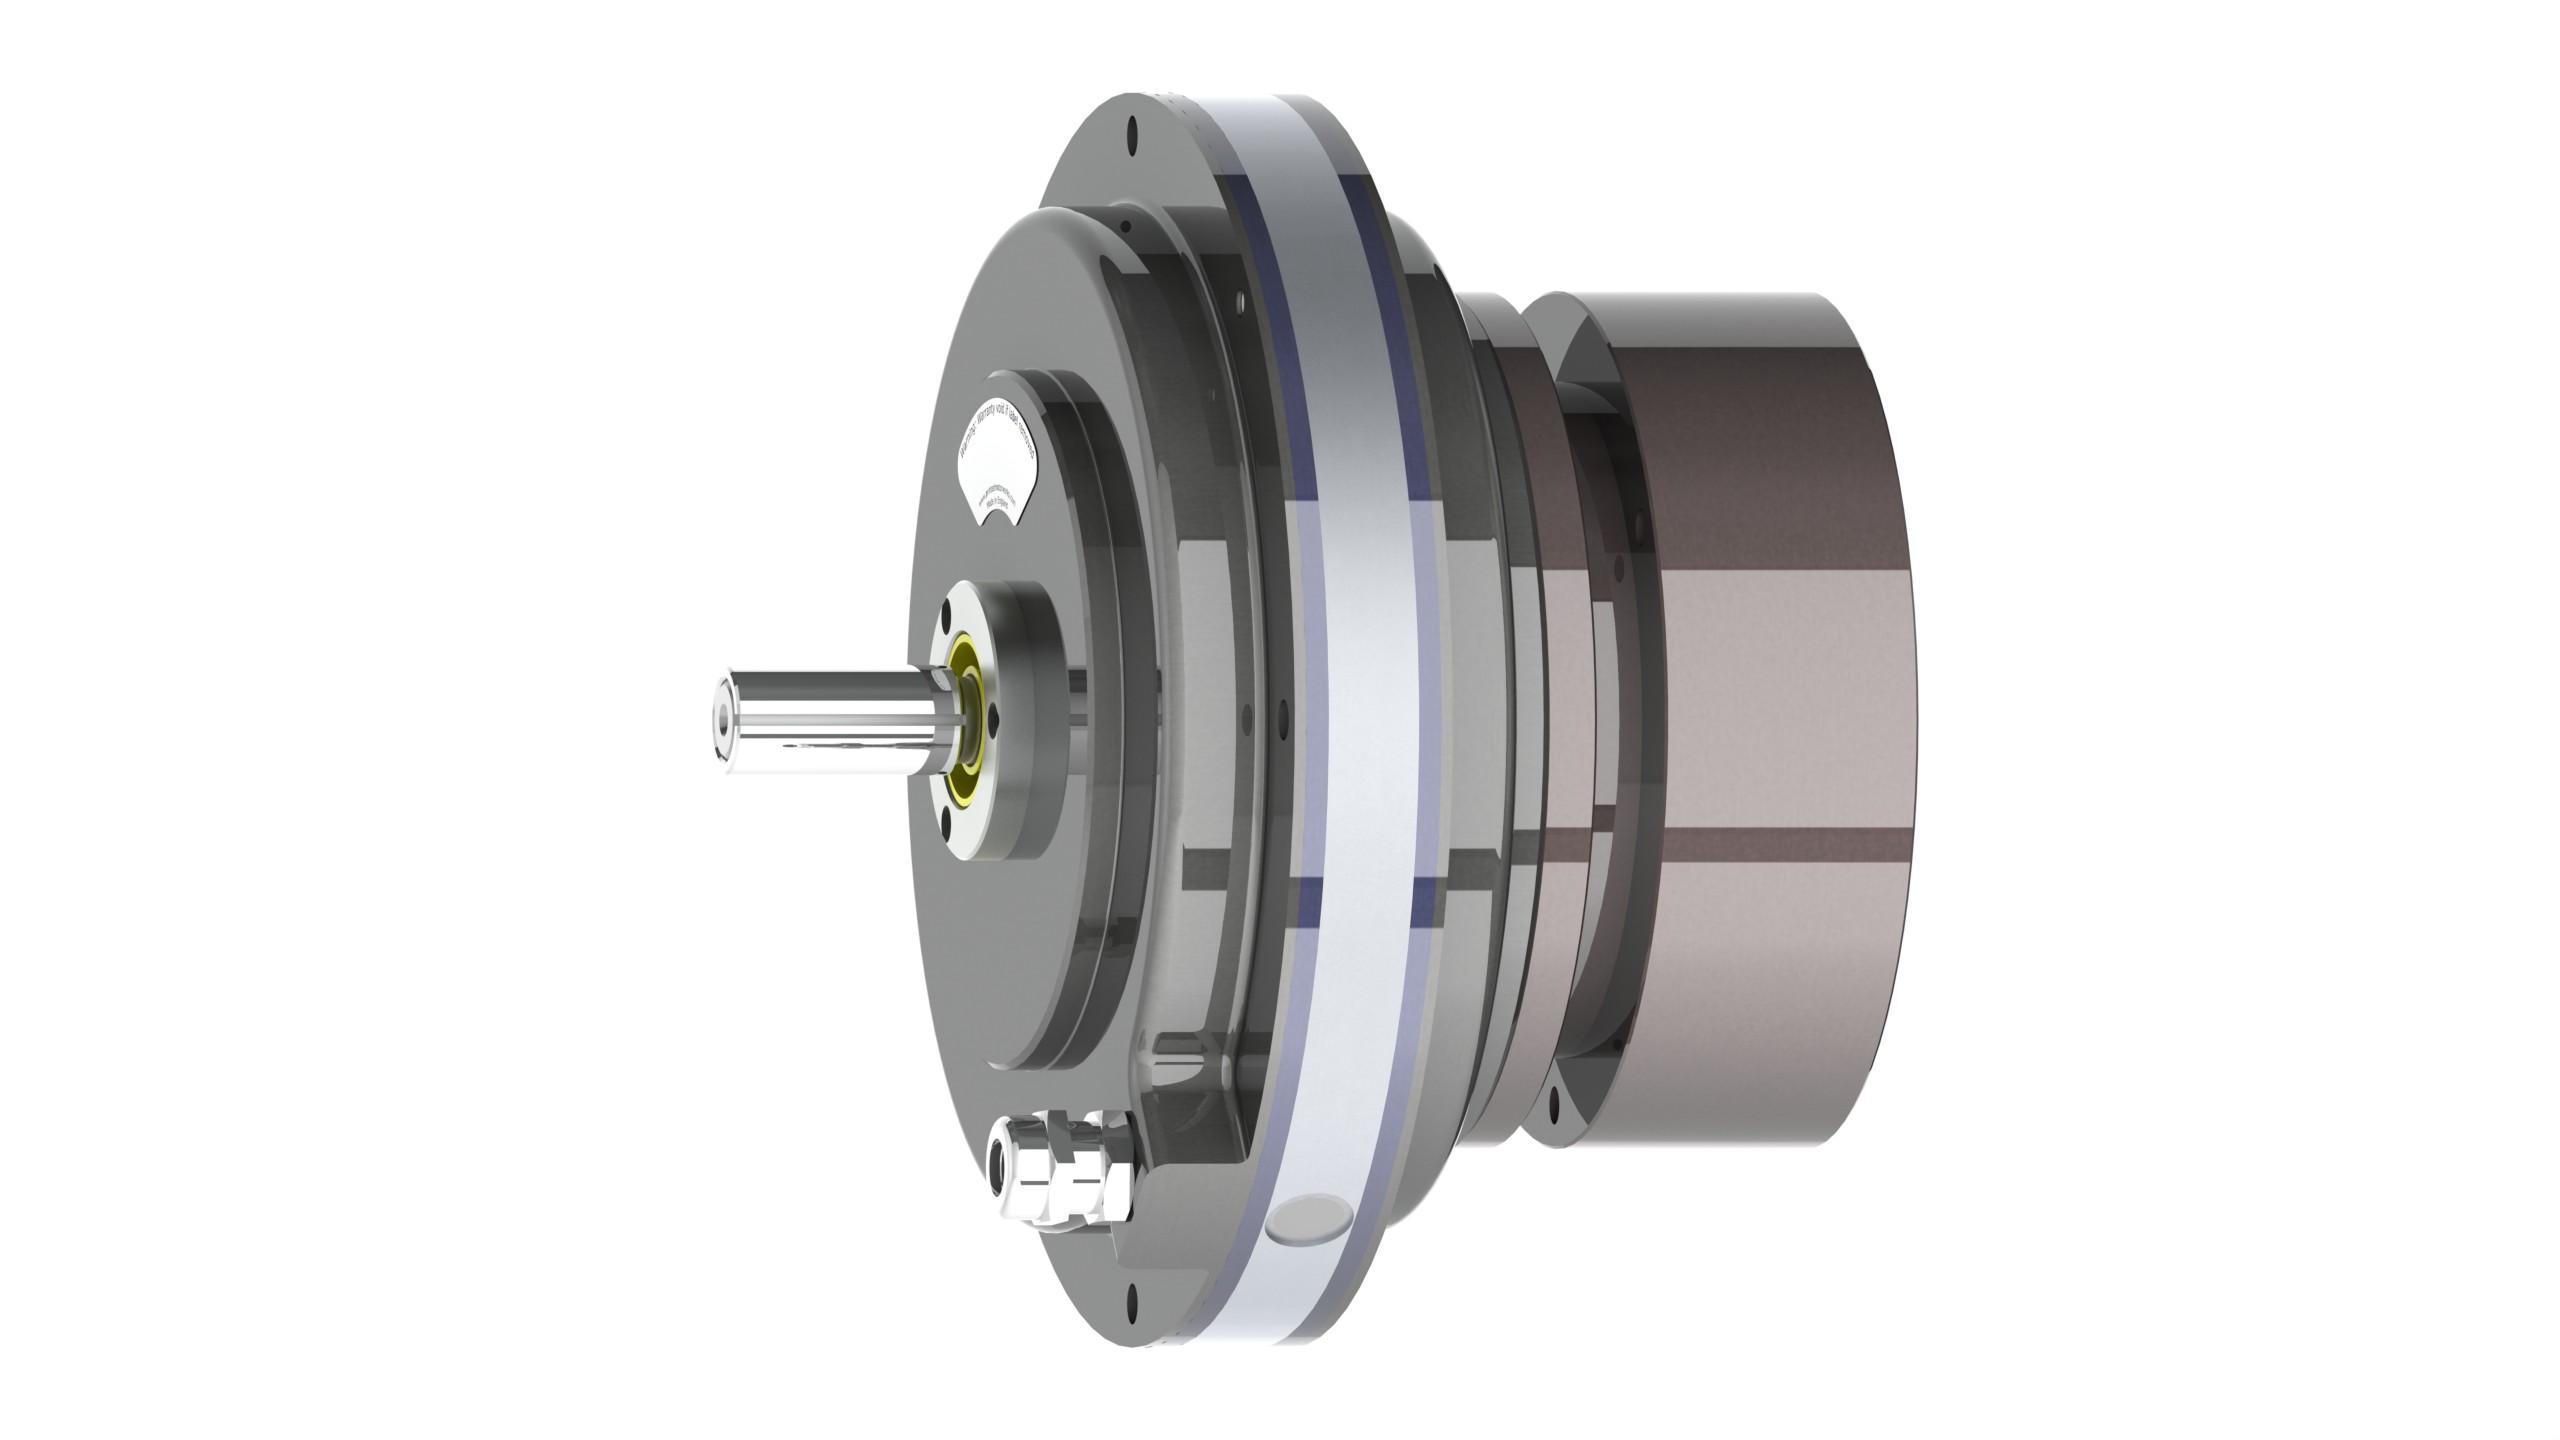 Printed Circuit Motor Dc Pancake Motor Disc Servo Motor High Speed